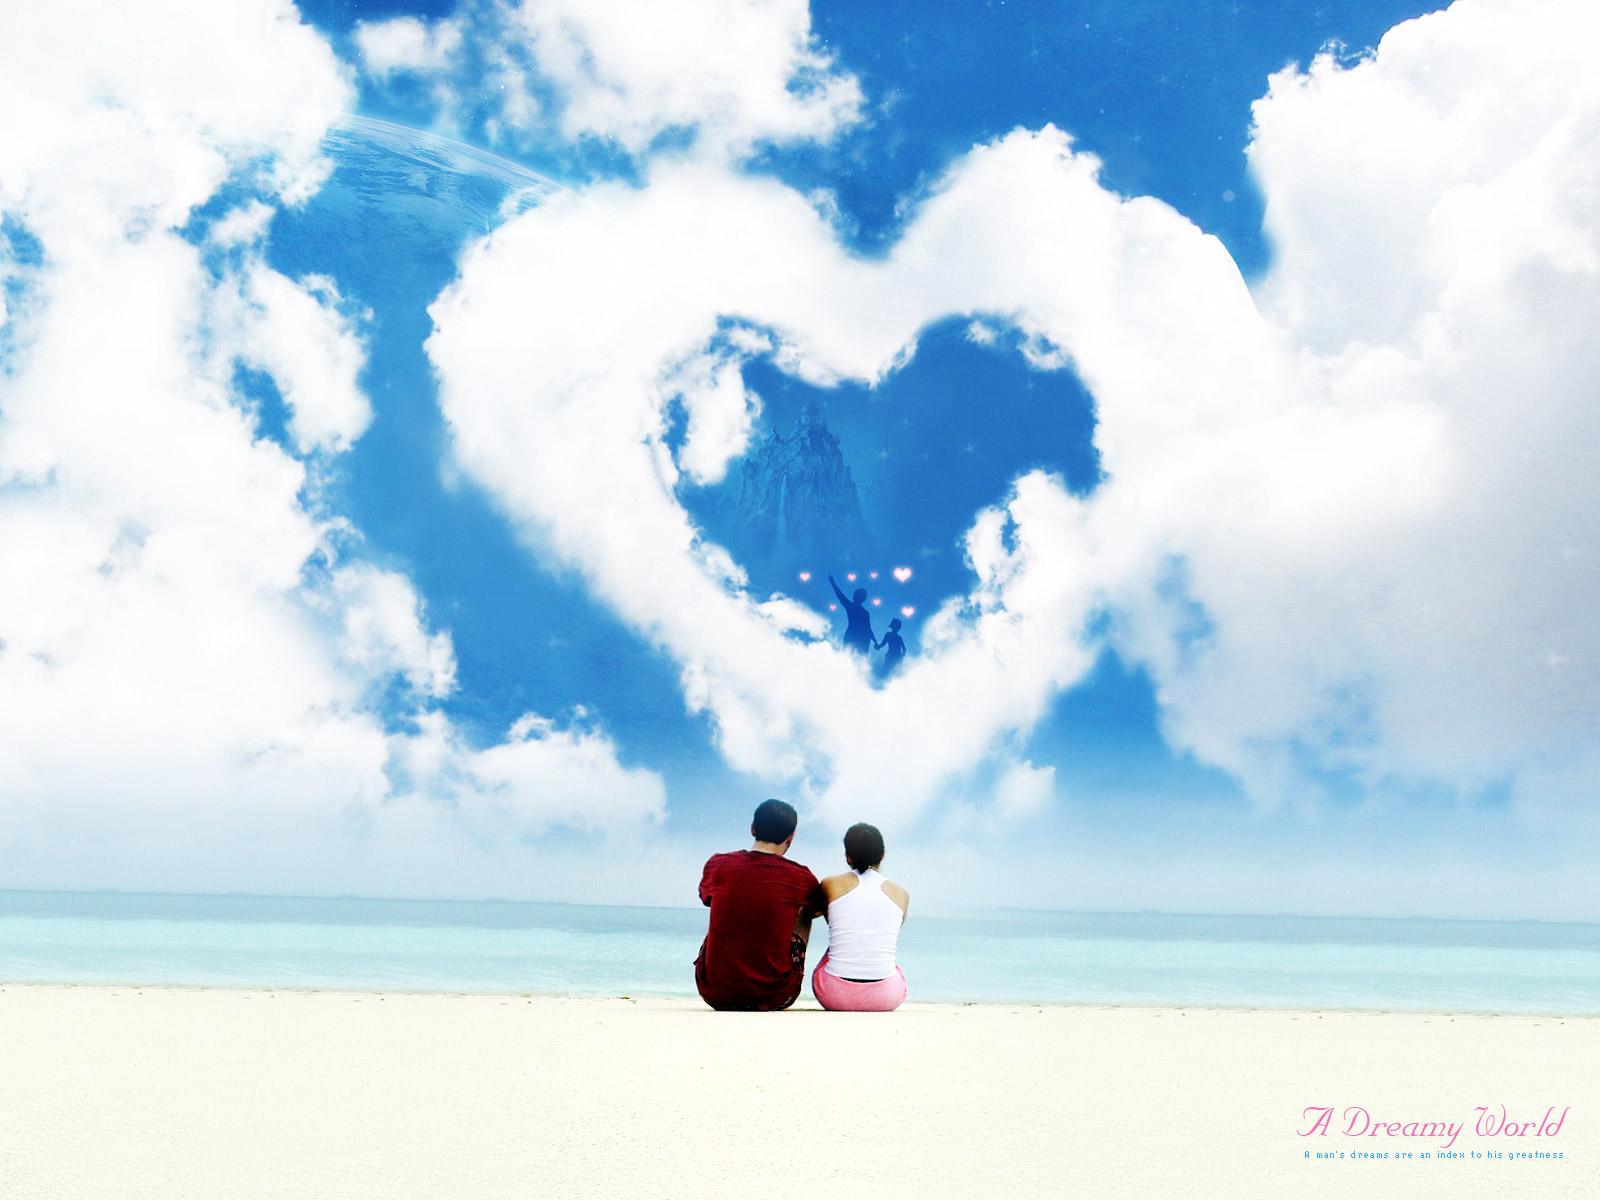 http://2.bp.blogspot.com/_9AKtmYokW64/TK1M9lFhuDI/AAAAAAAAAV0/0aOtH-siDuo/s1600/45.jpg